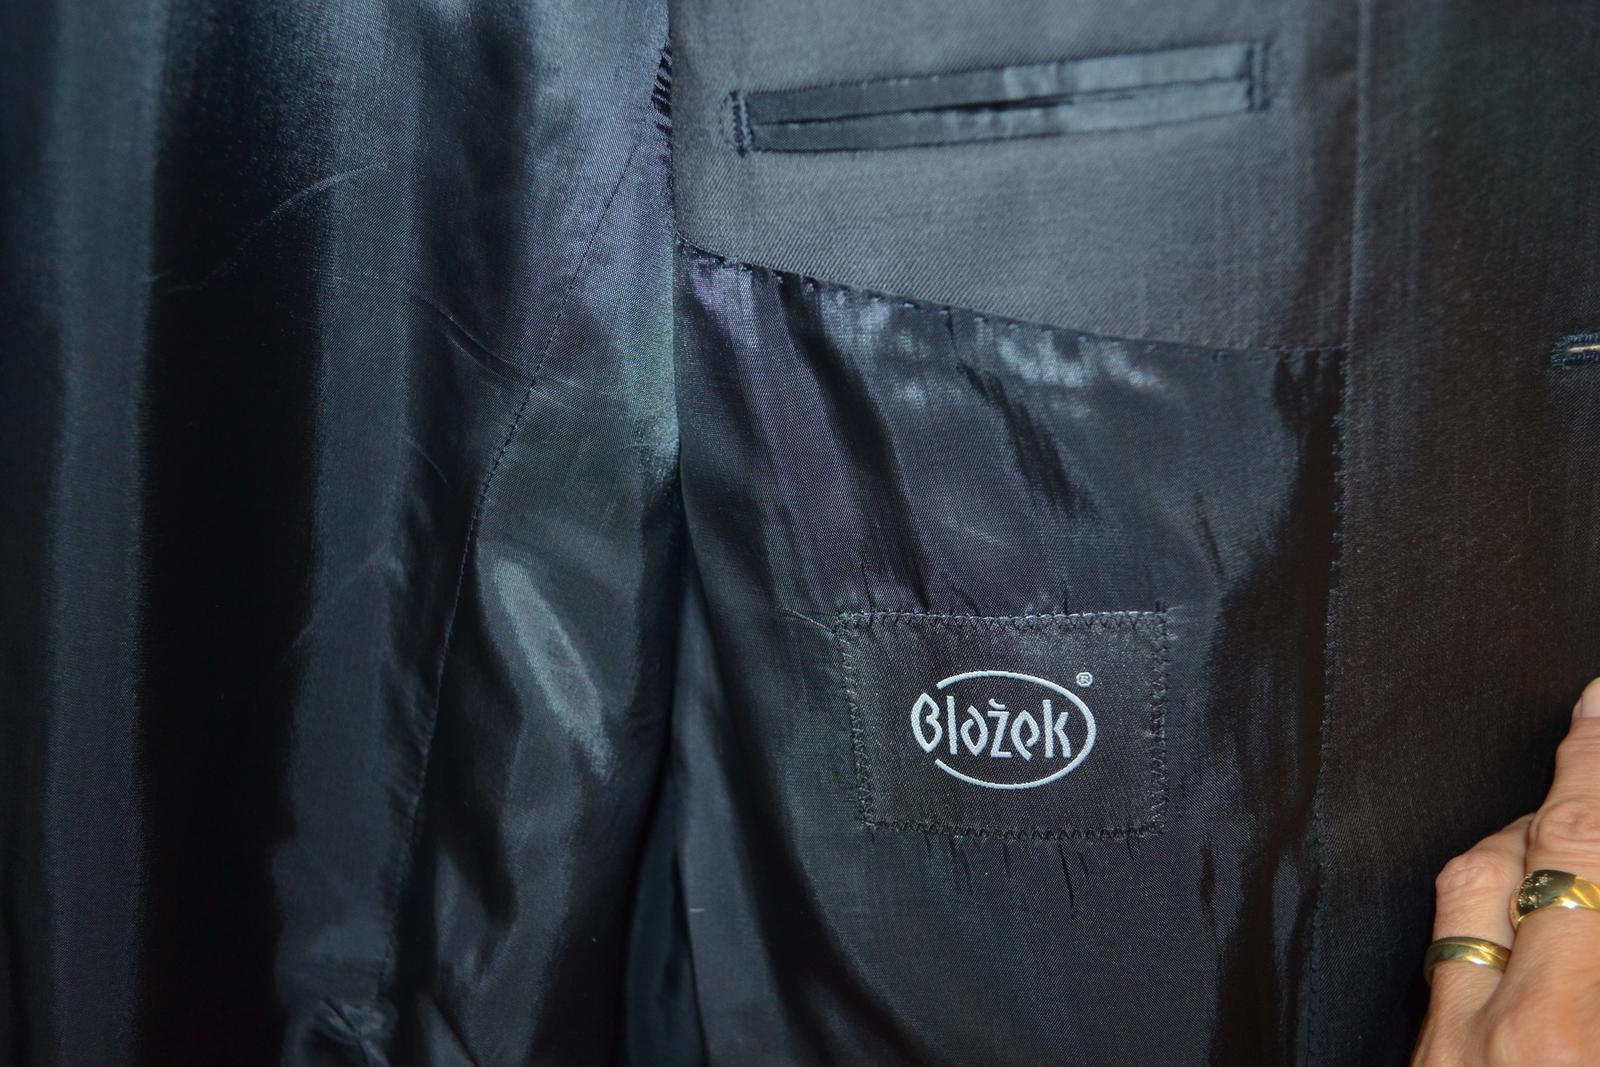 Blažek kvalitní vlněný pánský oblek - Obrázek č. 1